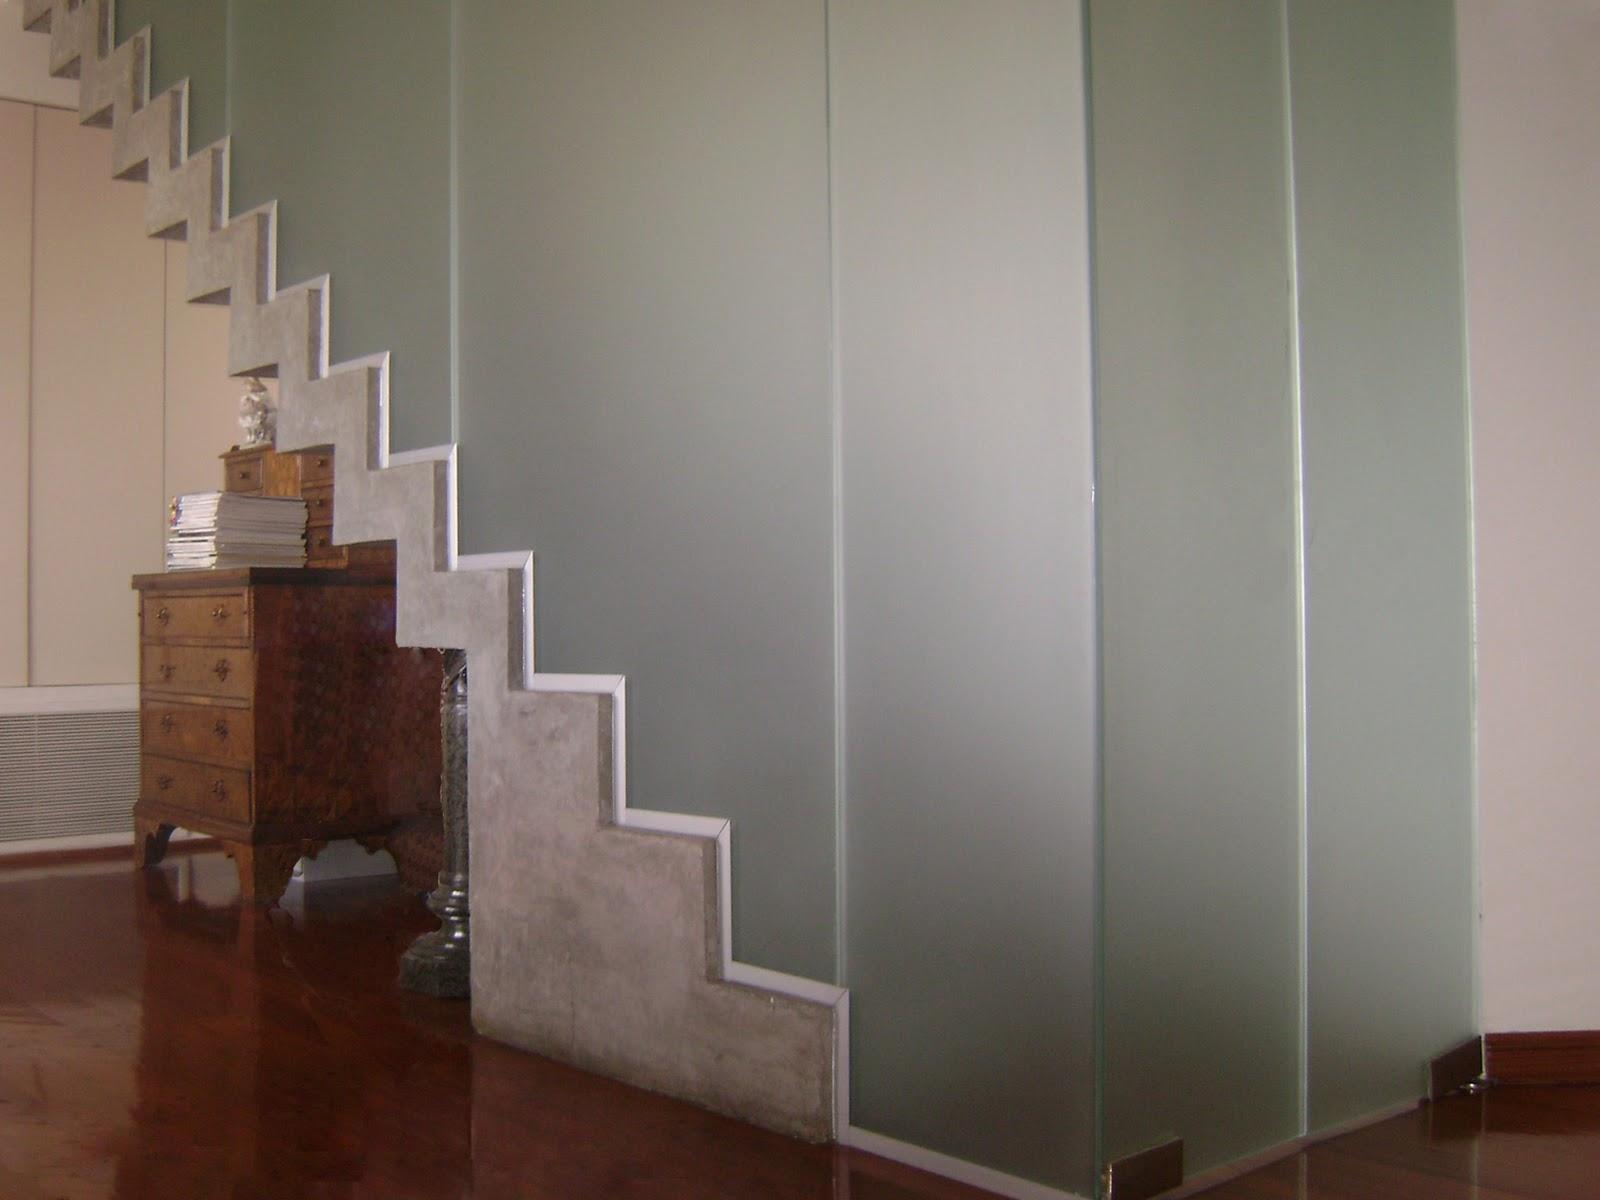 Dise o y arquitectura en vidrio - Cerramientos de escaleras ...